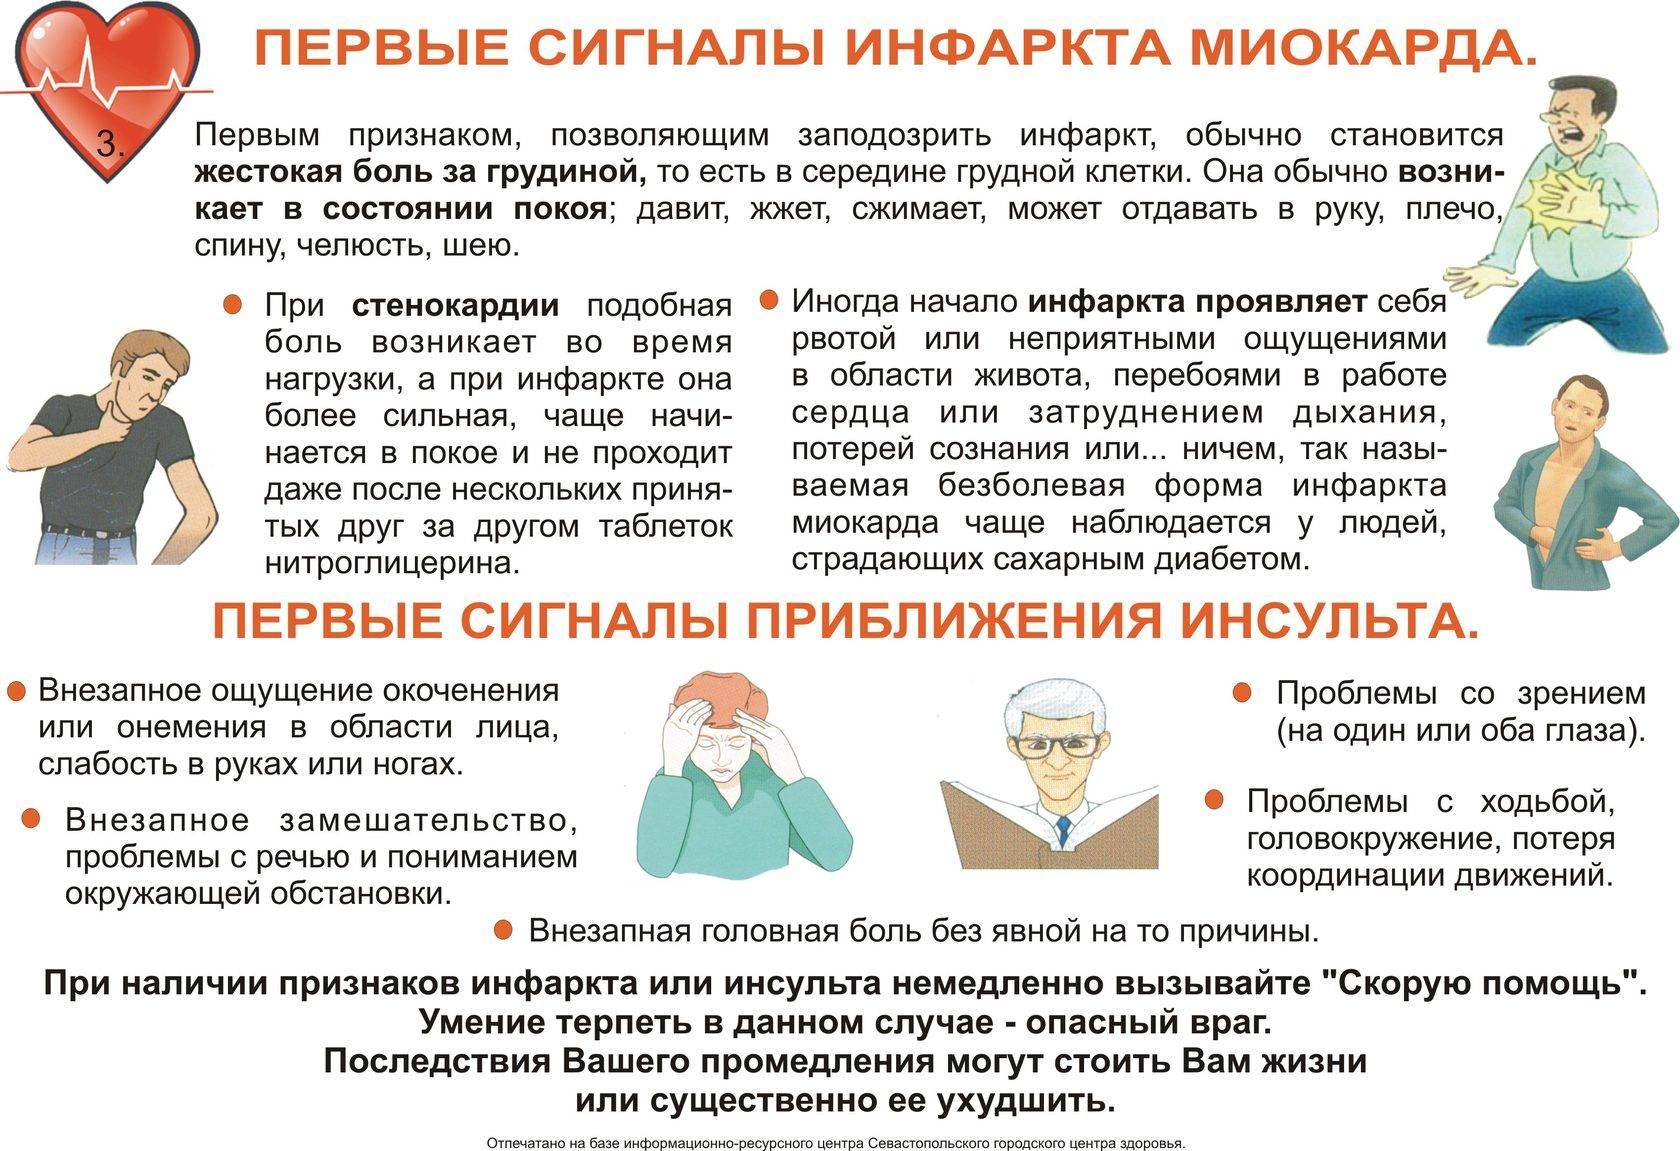 Инсульт: симптомы и первые признаки у женщин и мужчин, терапия и профилактические меры